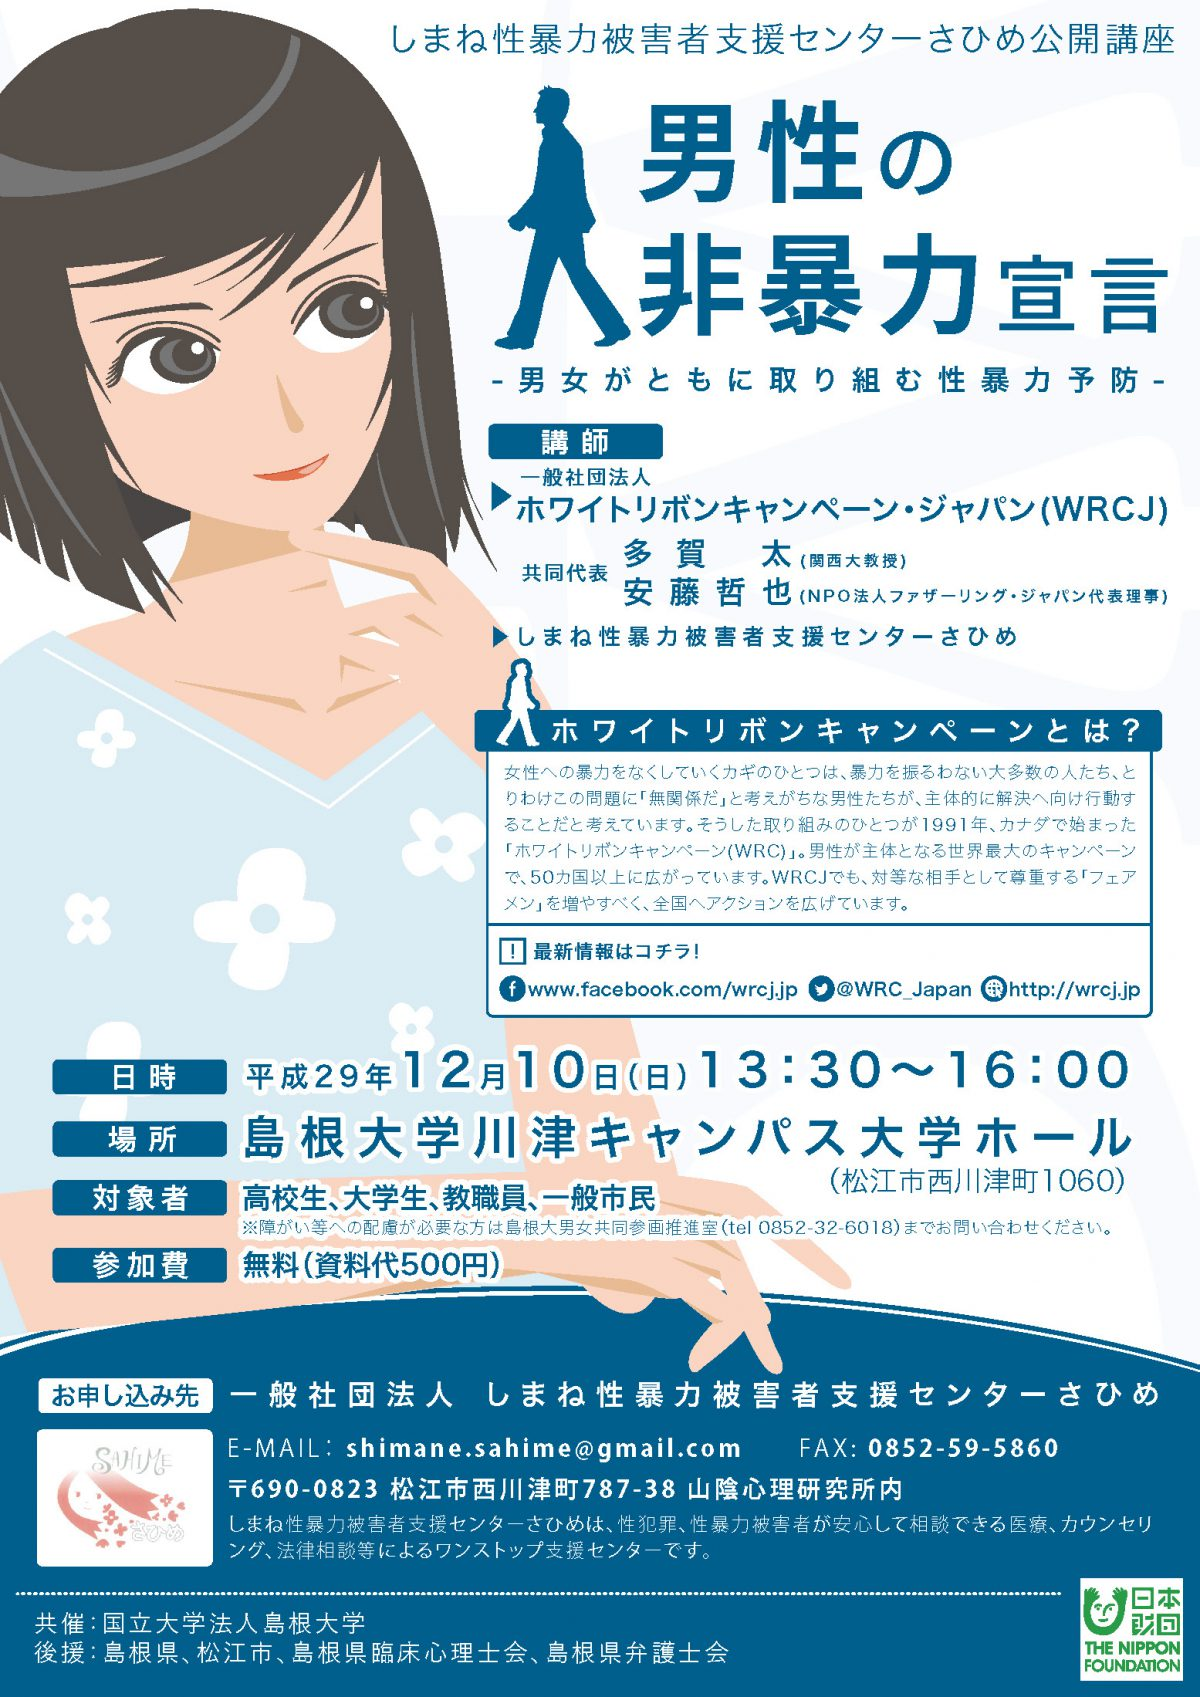 12/10「男性の非暴力宣言 -男女がともに取り組む性暴力予防-」に安藤哲也、多賀太が登壇します